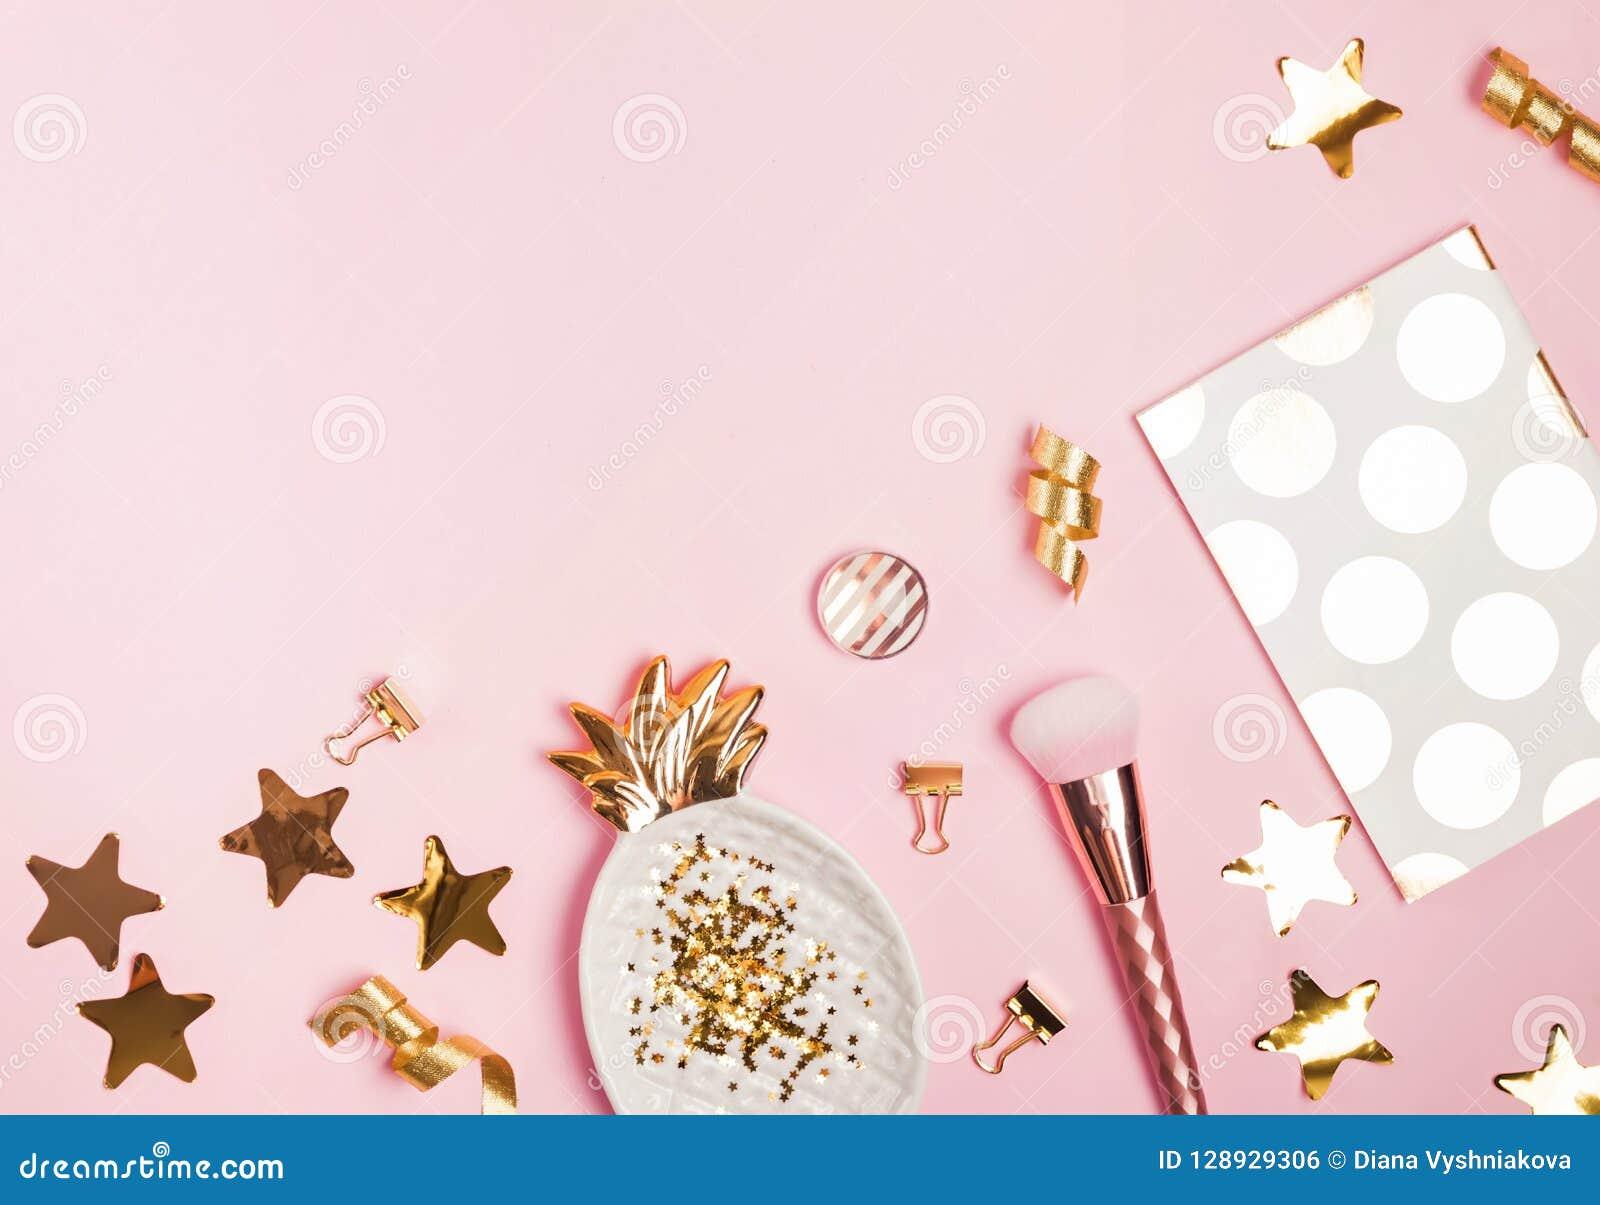 Decoração dourada e acessórios femininos no fundo cor-de-rosa,